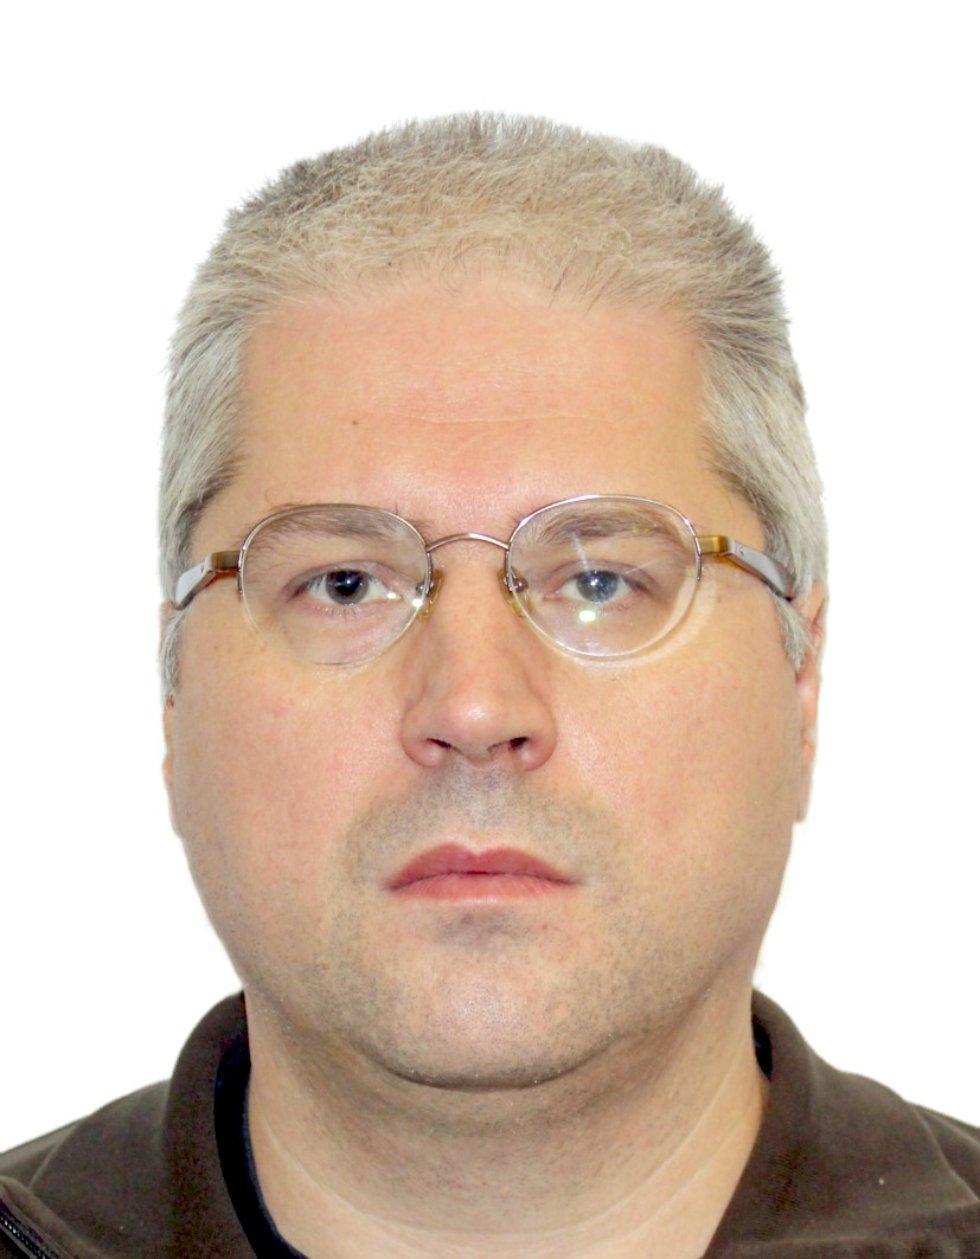 Елисеев Алексей Викторович